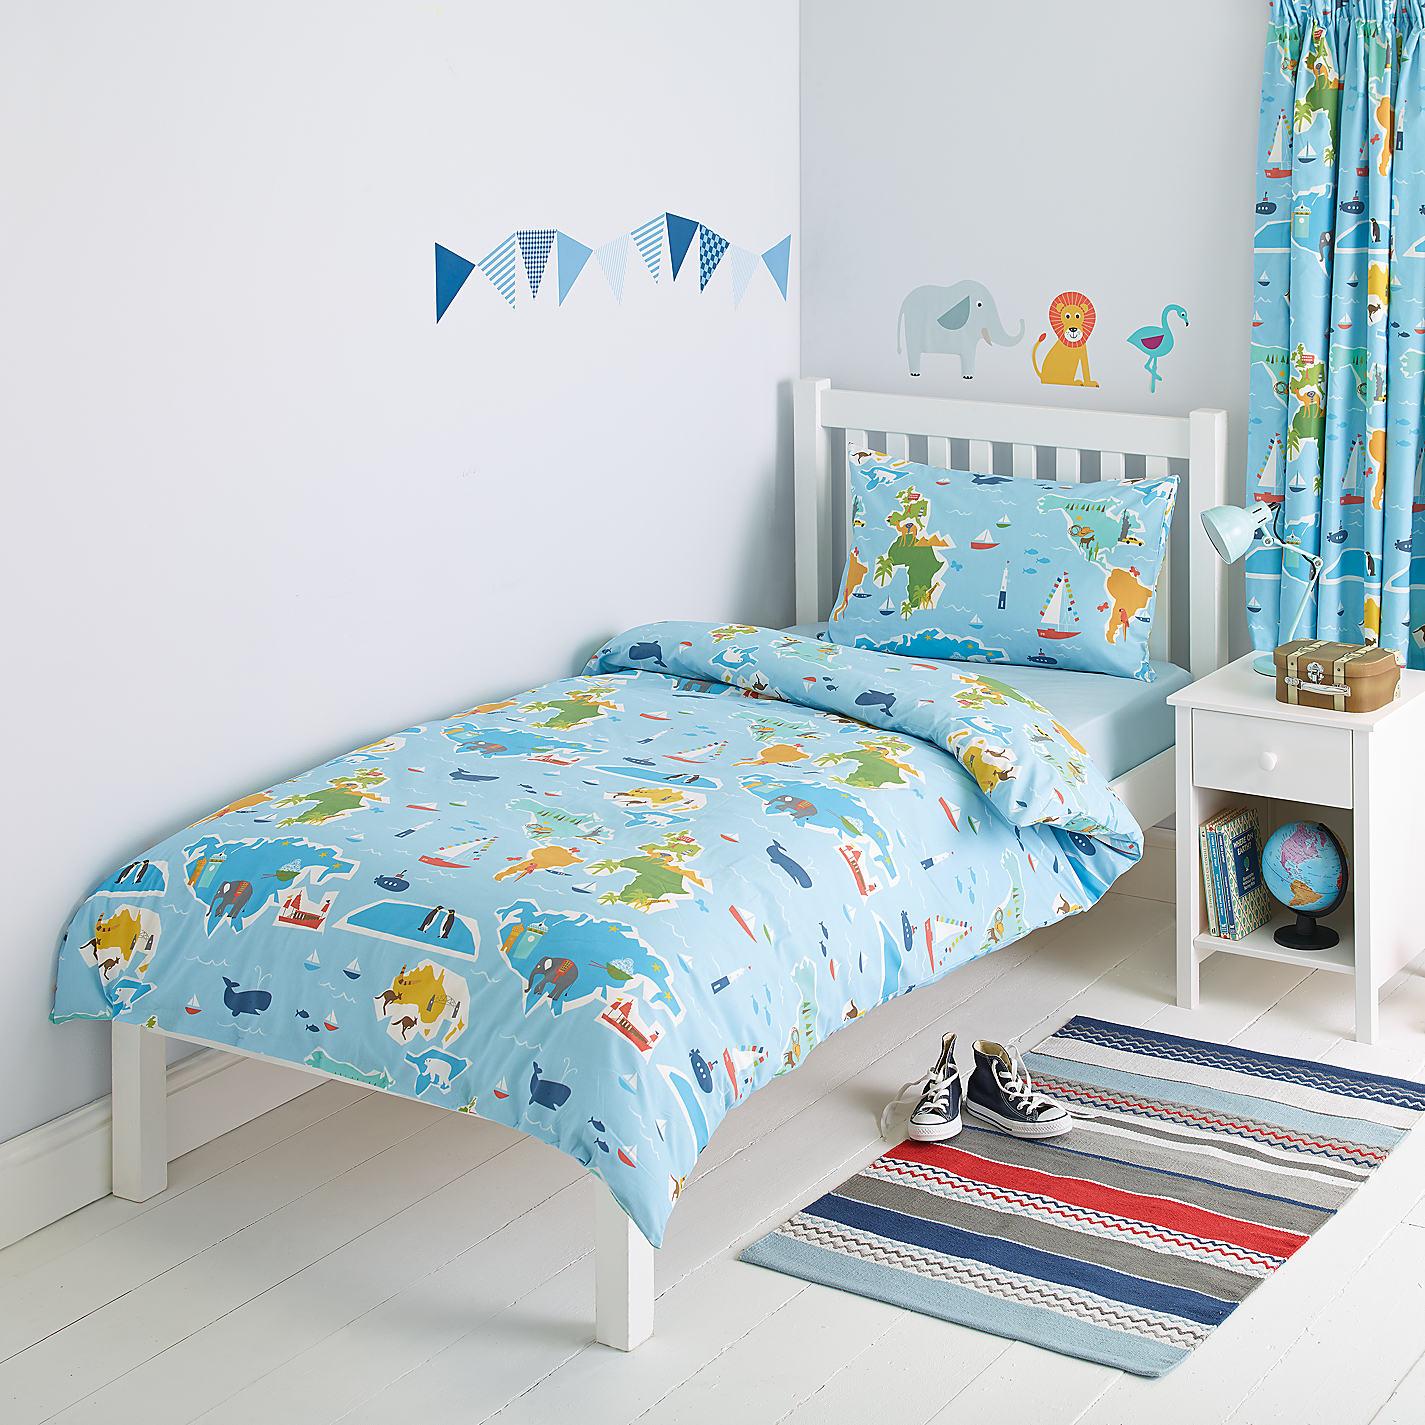 Little Home At John Lewis Globe Trotter Duvet And Pillowcase Set Single Online